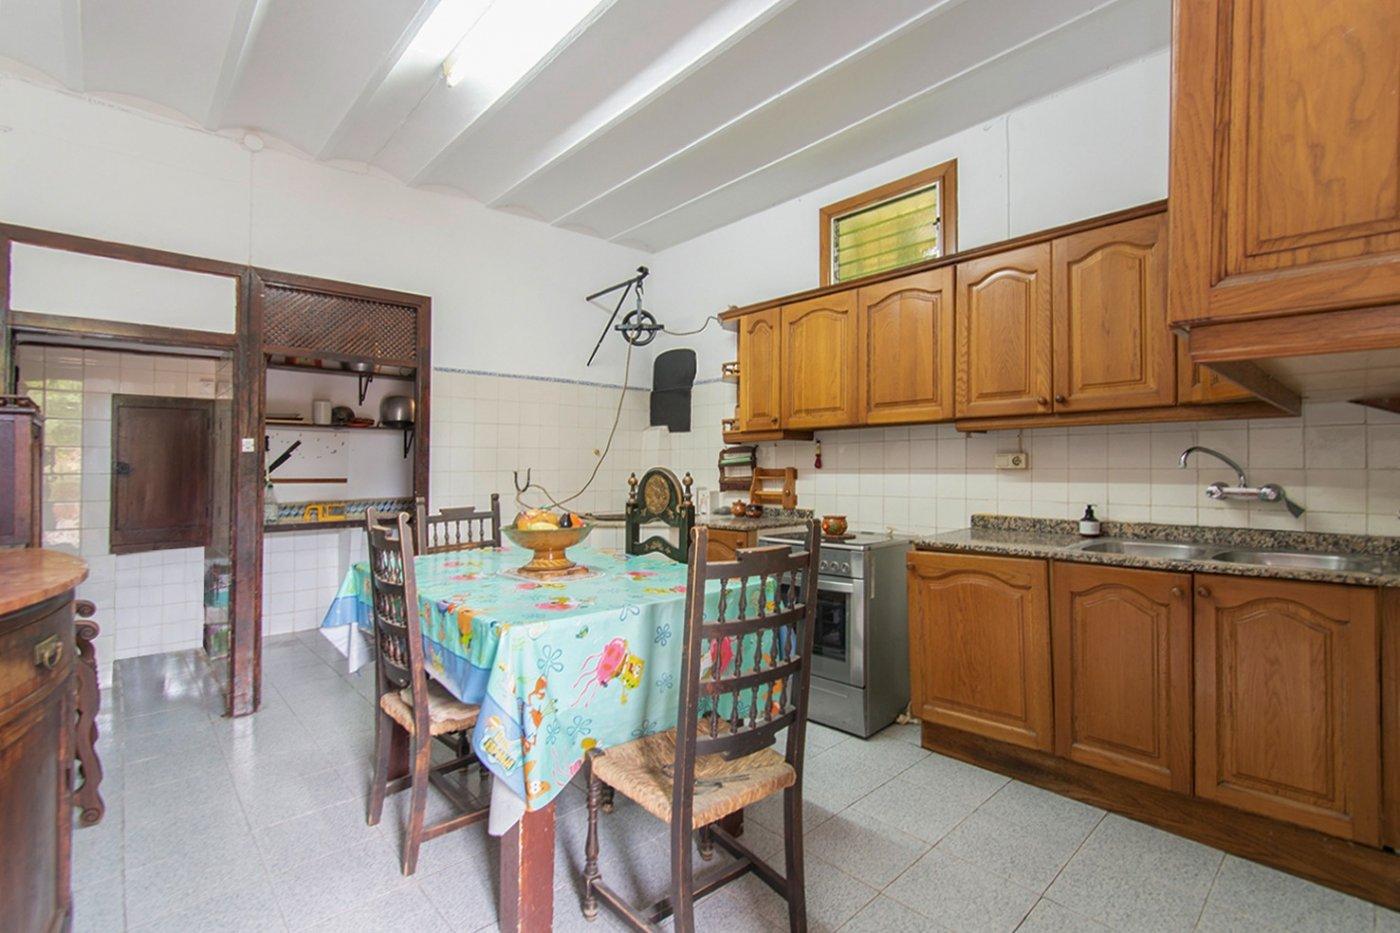 Casa unifamilair con garaje, jardÍn y terraza en la vileta. - imagenInmueble4